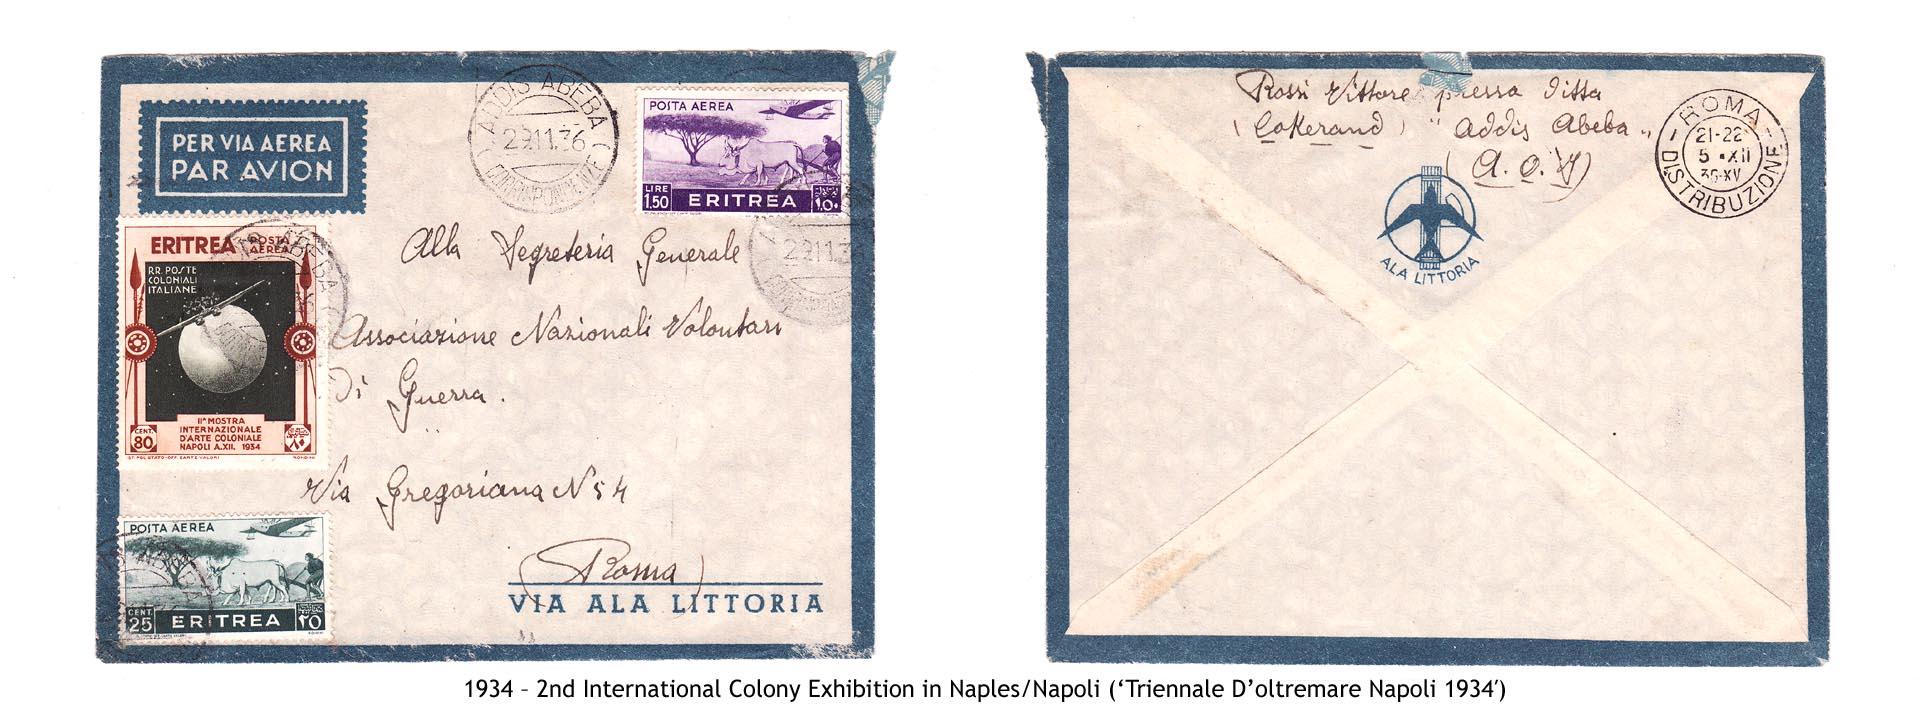 1934 – Eritrea 2nd International Colony Exhibition in Naples-Napoli (Triennale Doltremare Napoli 1934)